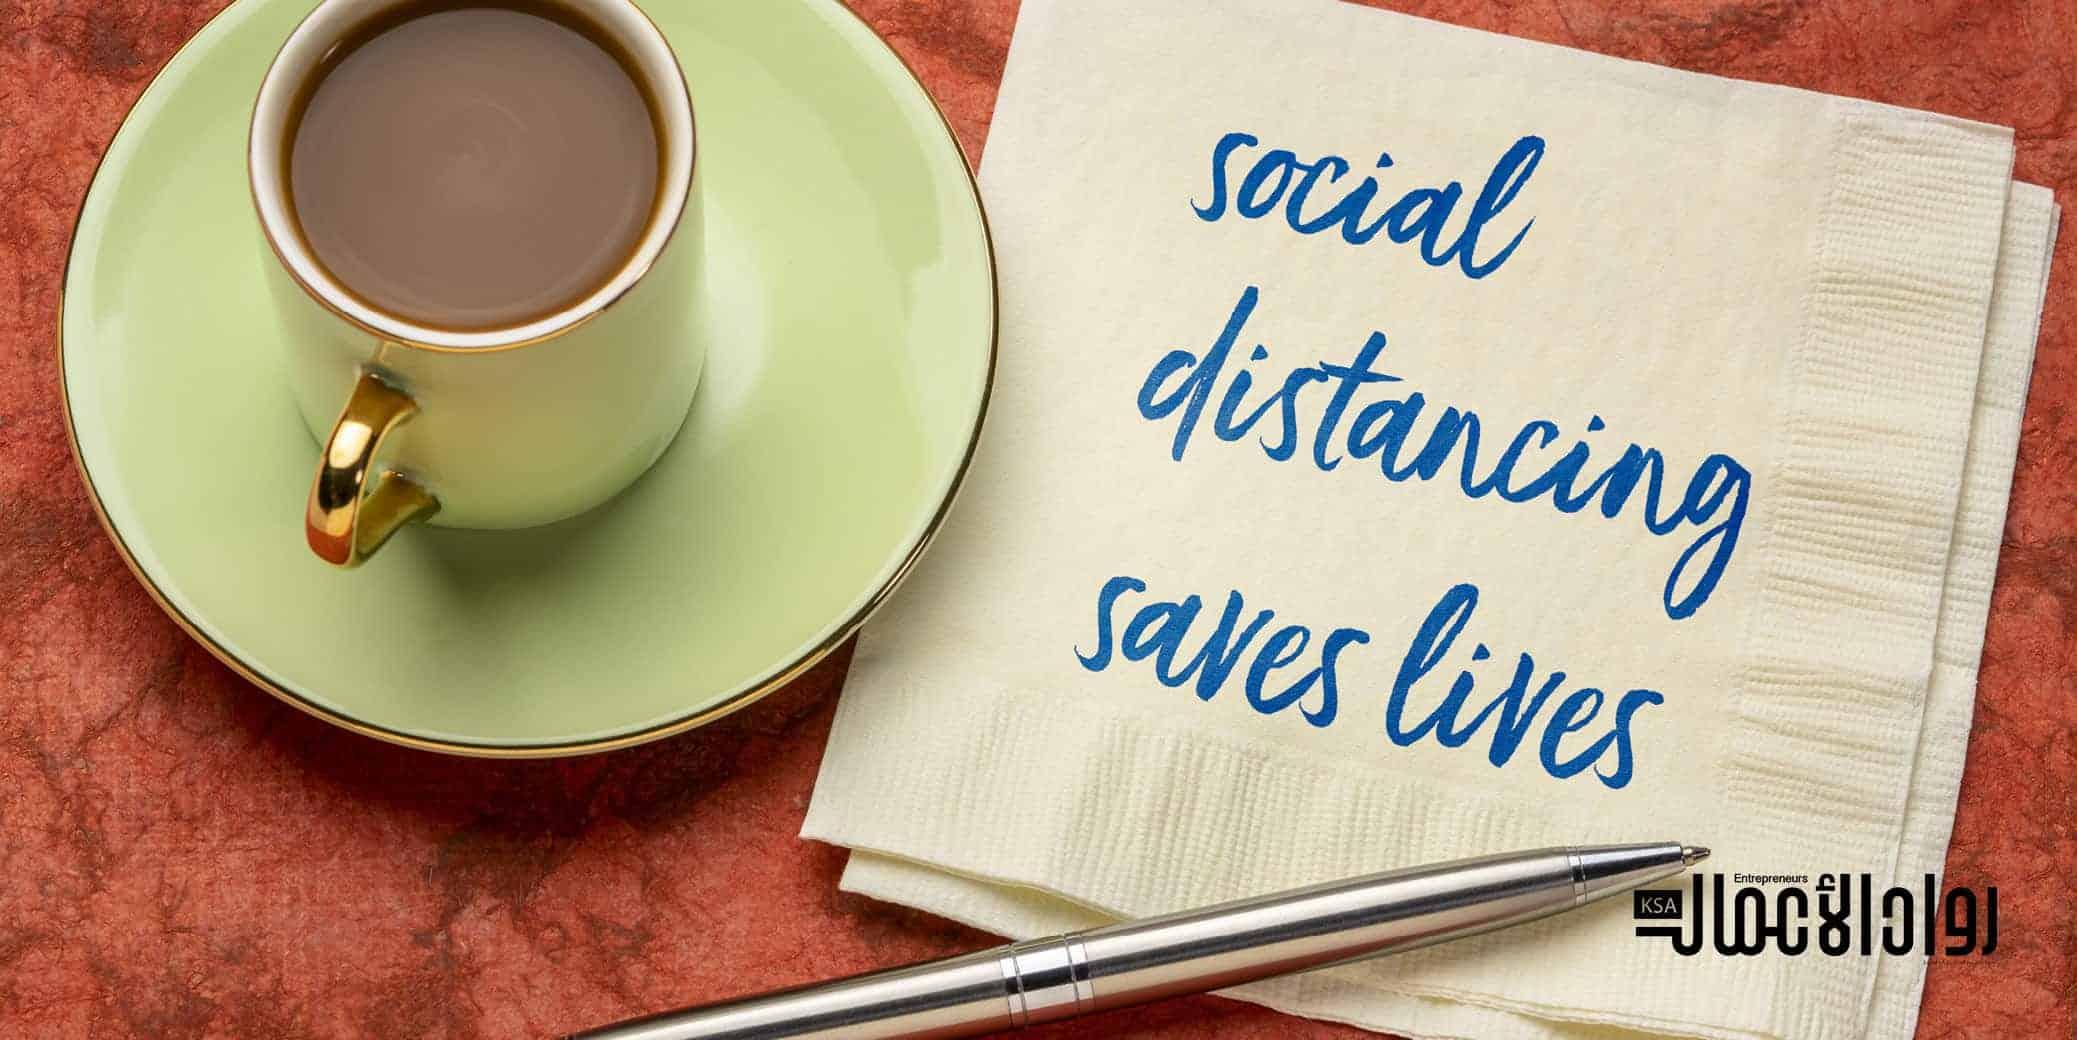 المسافة الاجتماعية